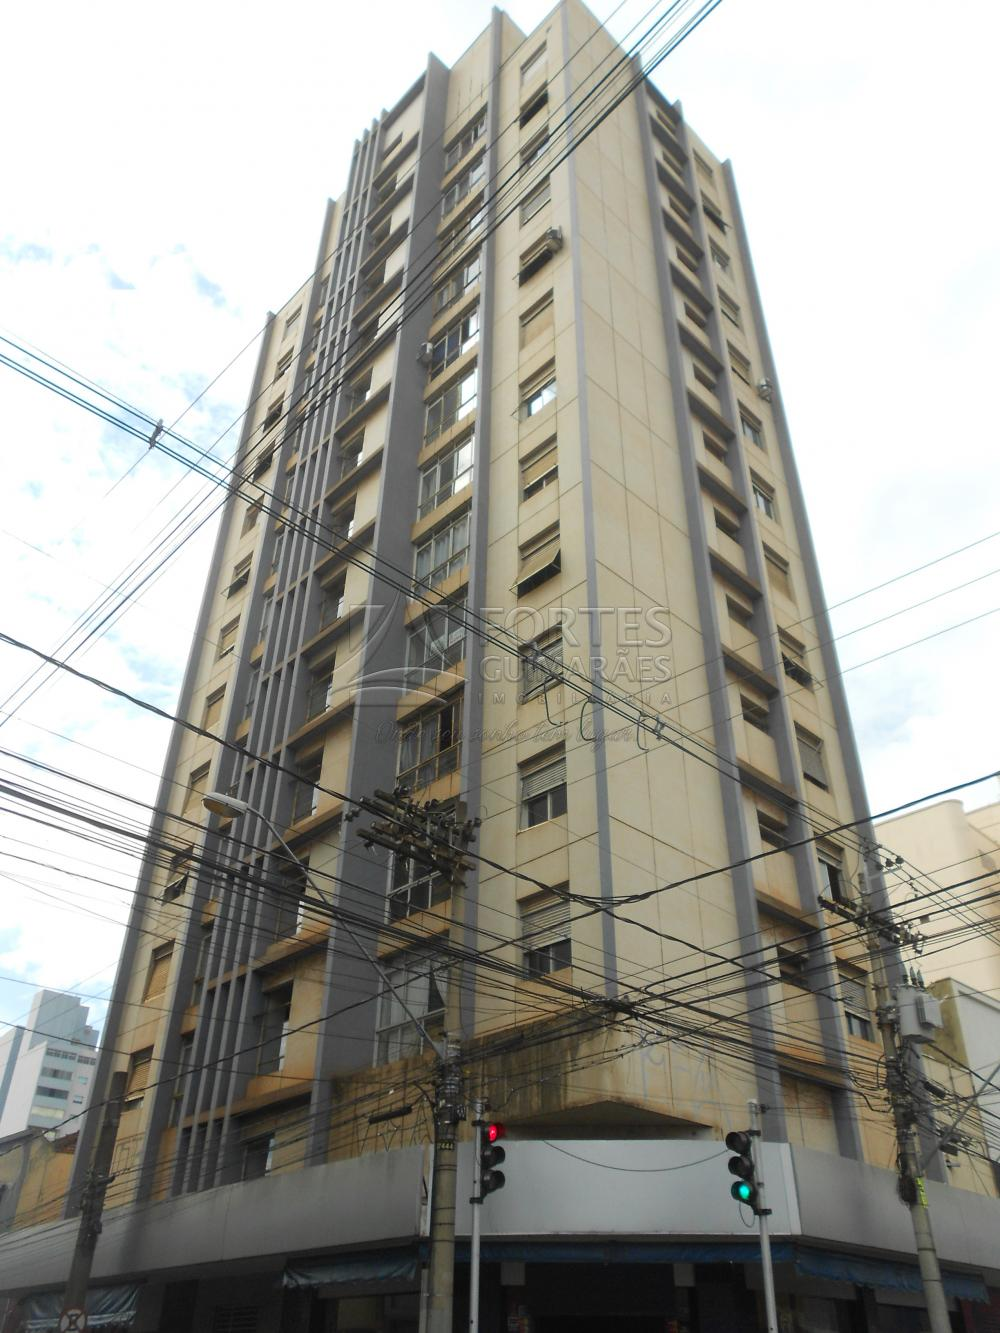 Alugar Apartamentos / Padrão em Ribeirão Preto apenas R$ 850,00 - Foto 1